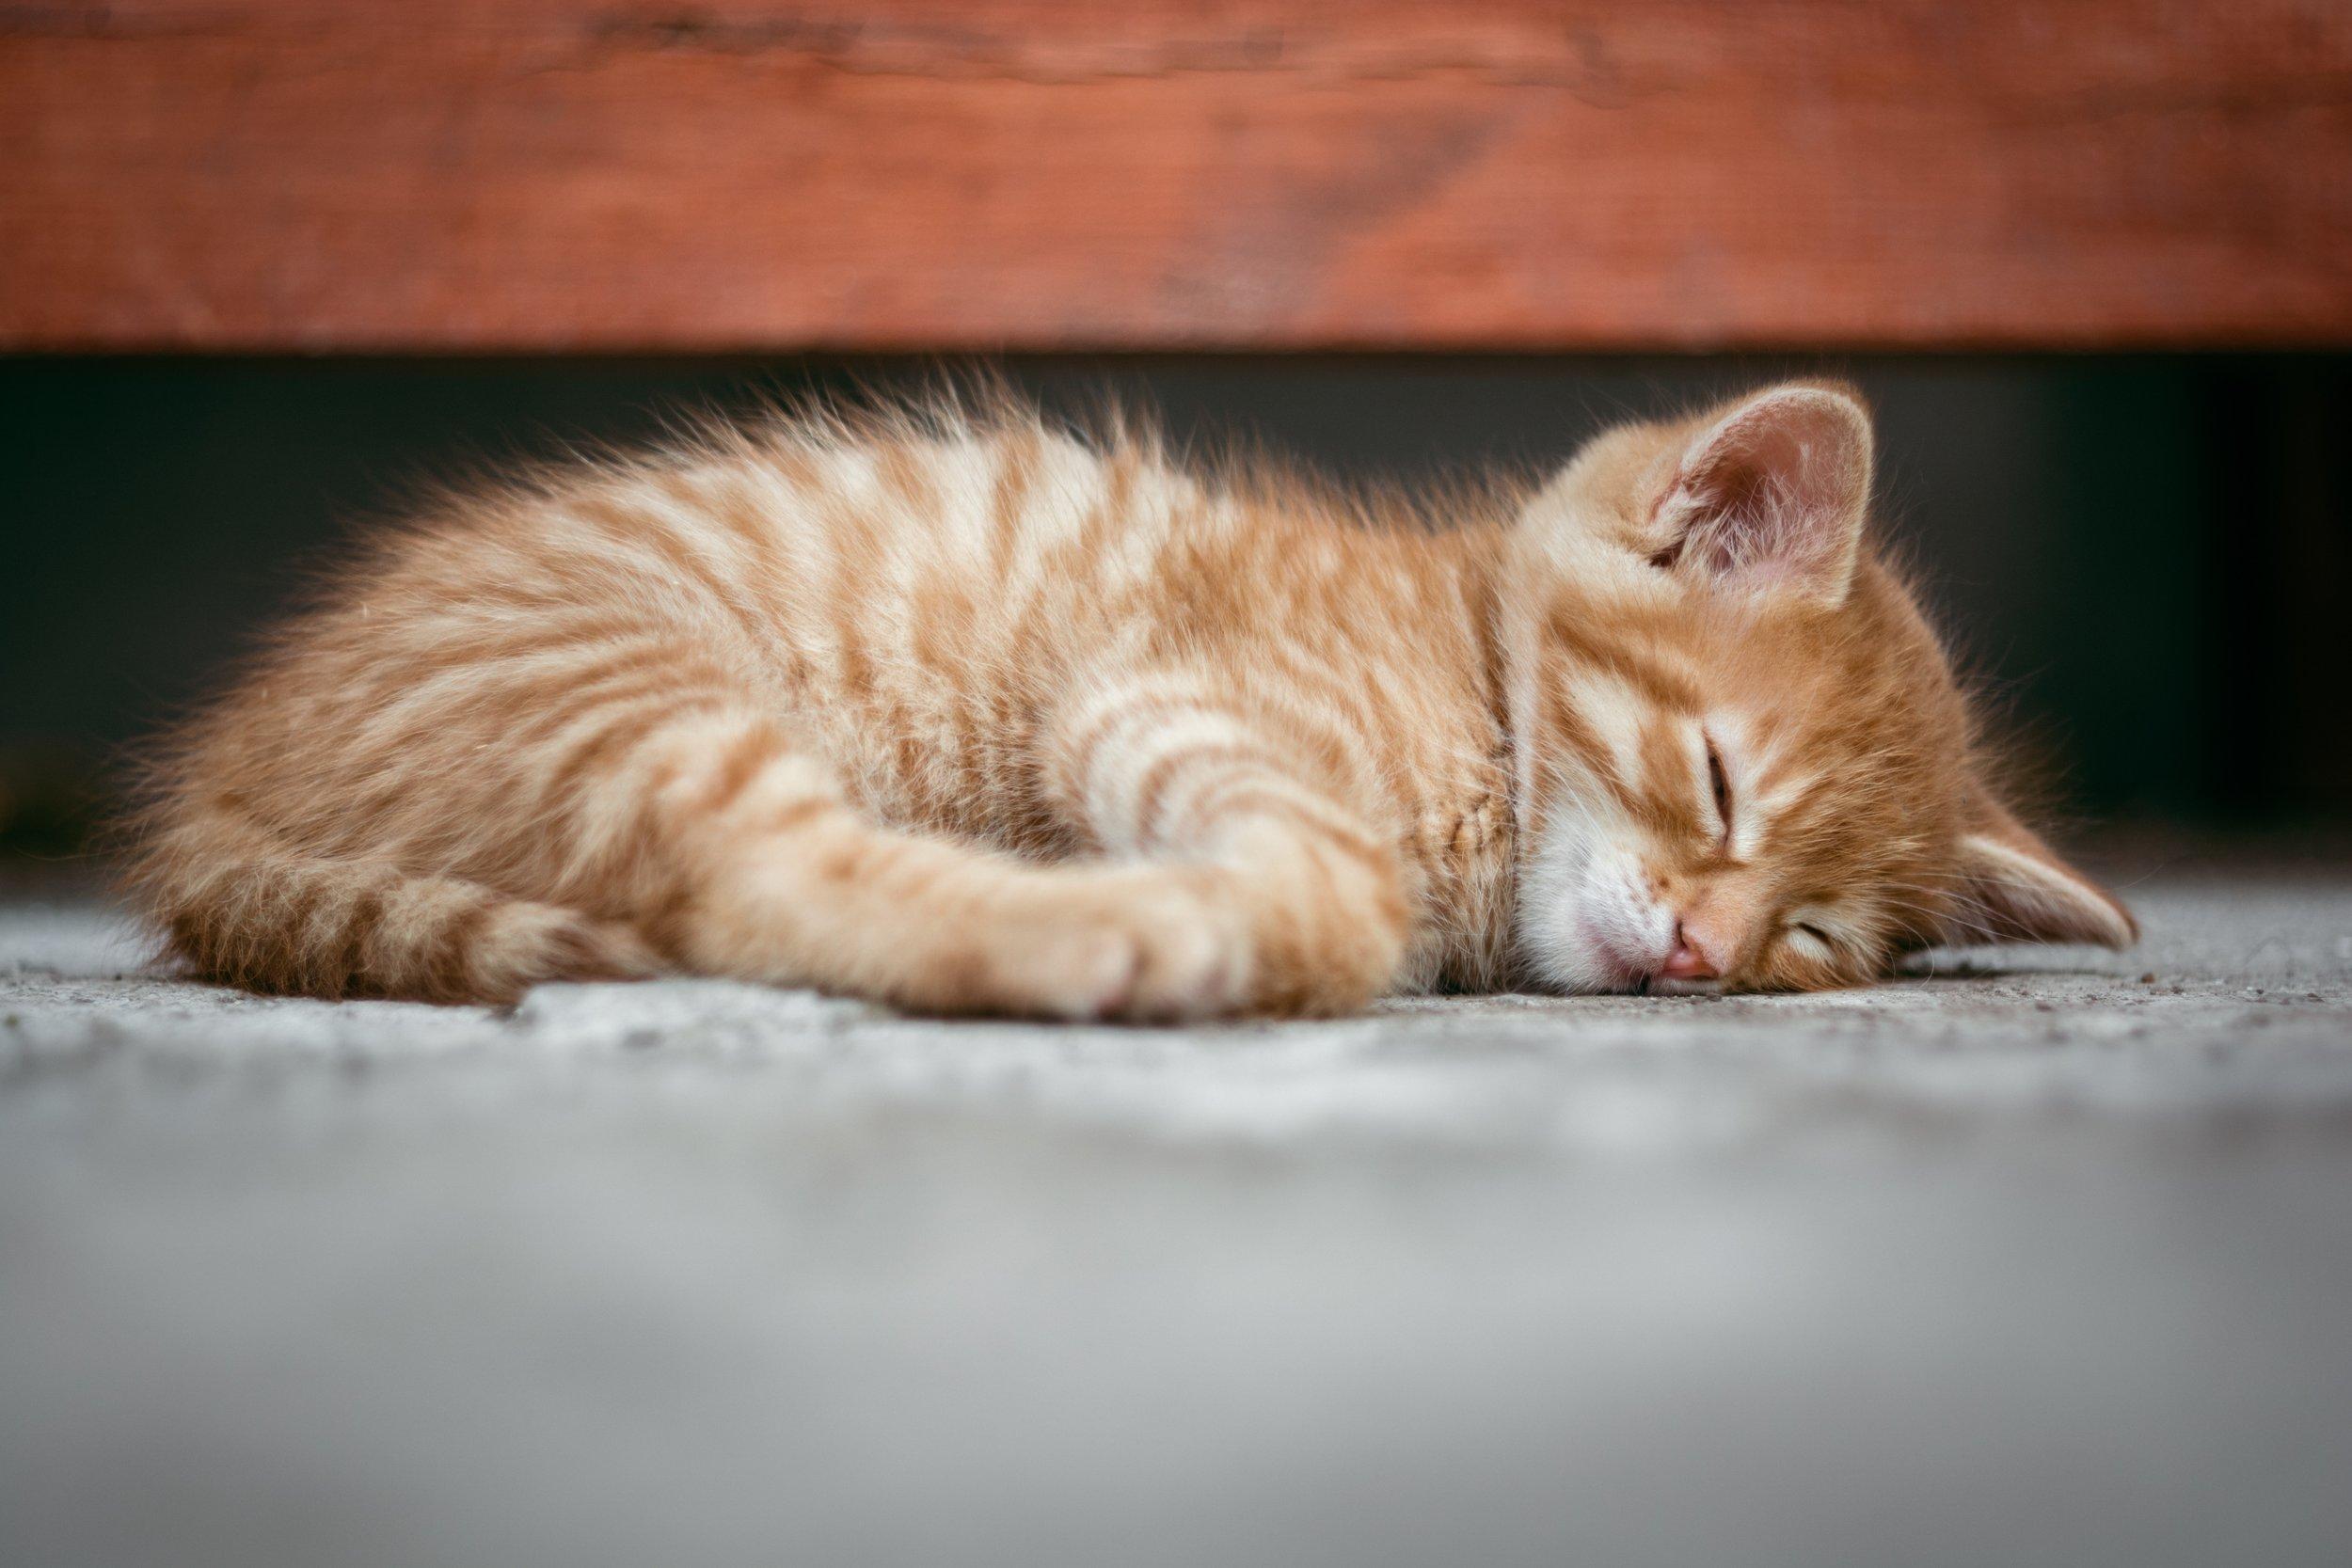 adorable-animal-baby-290164.jpg